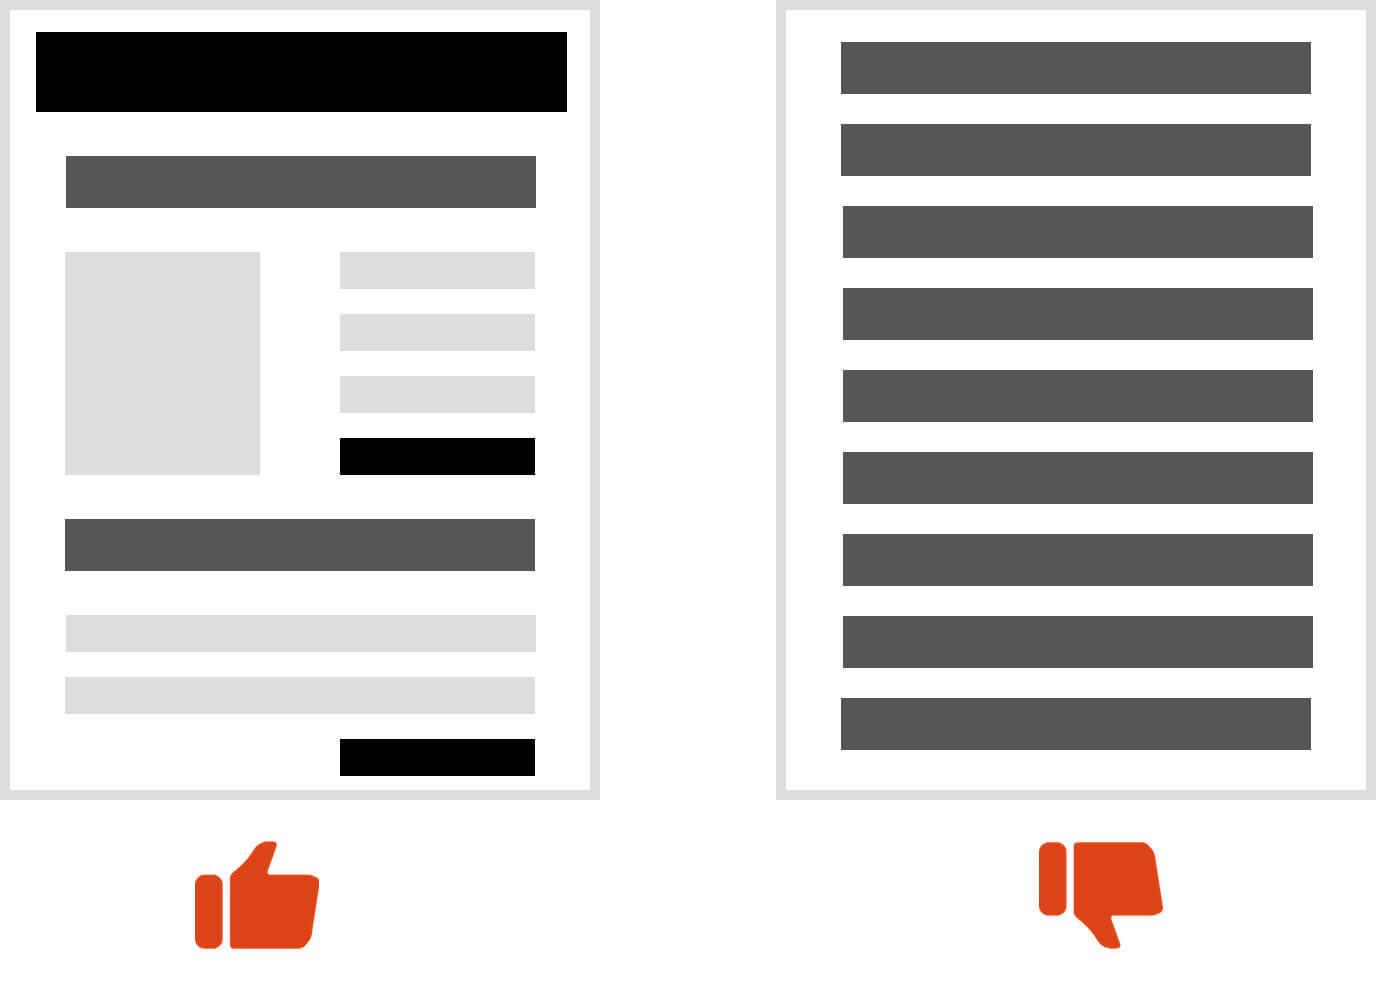 Le concept de hiérarchie visuelle en web design